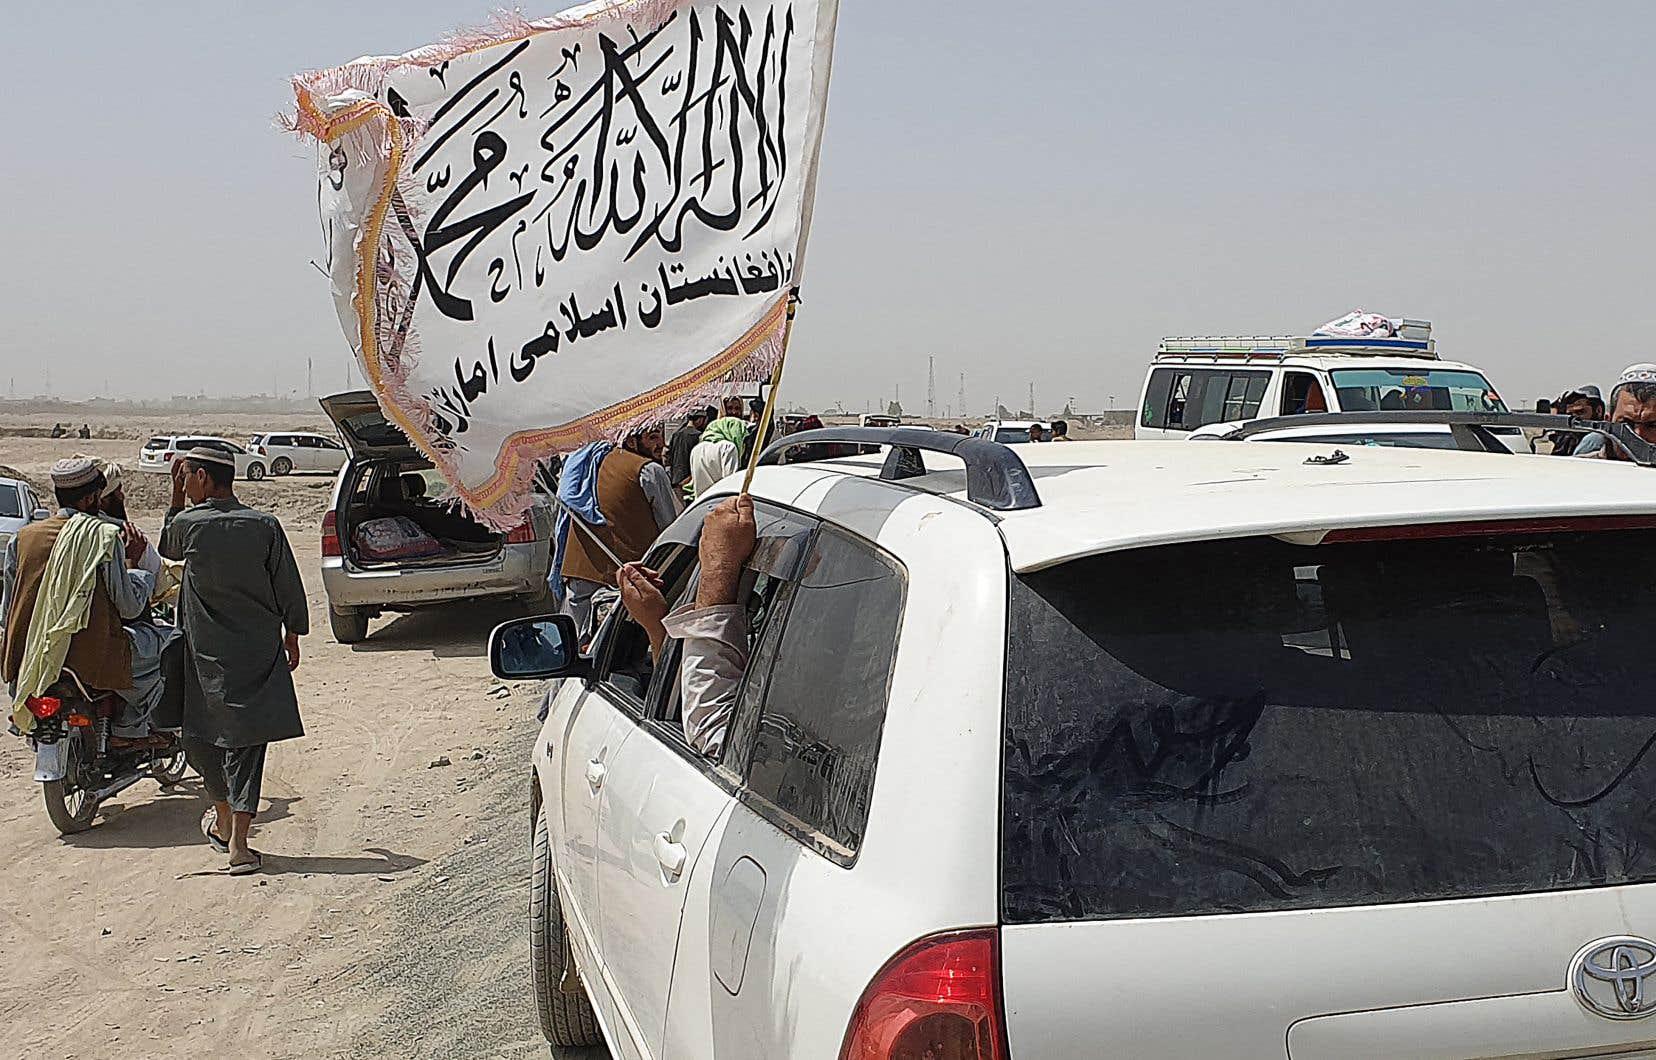 Les talibans ont pris le contrôle de vastes territoires ruraux dans le pays.